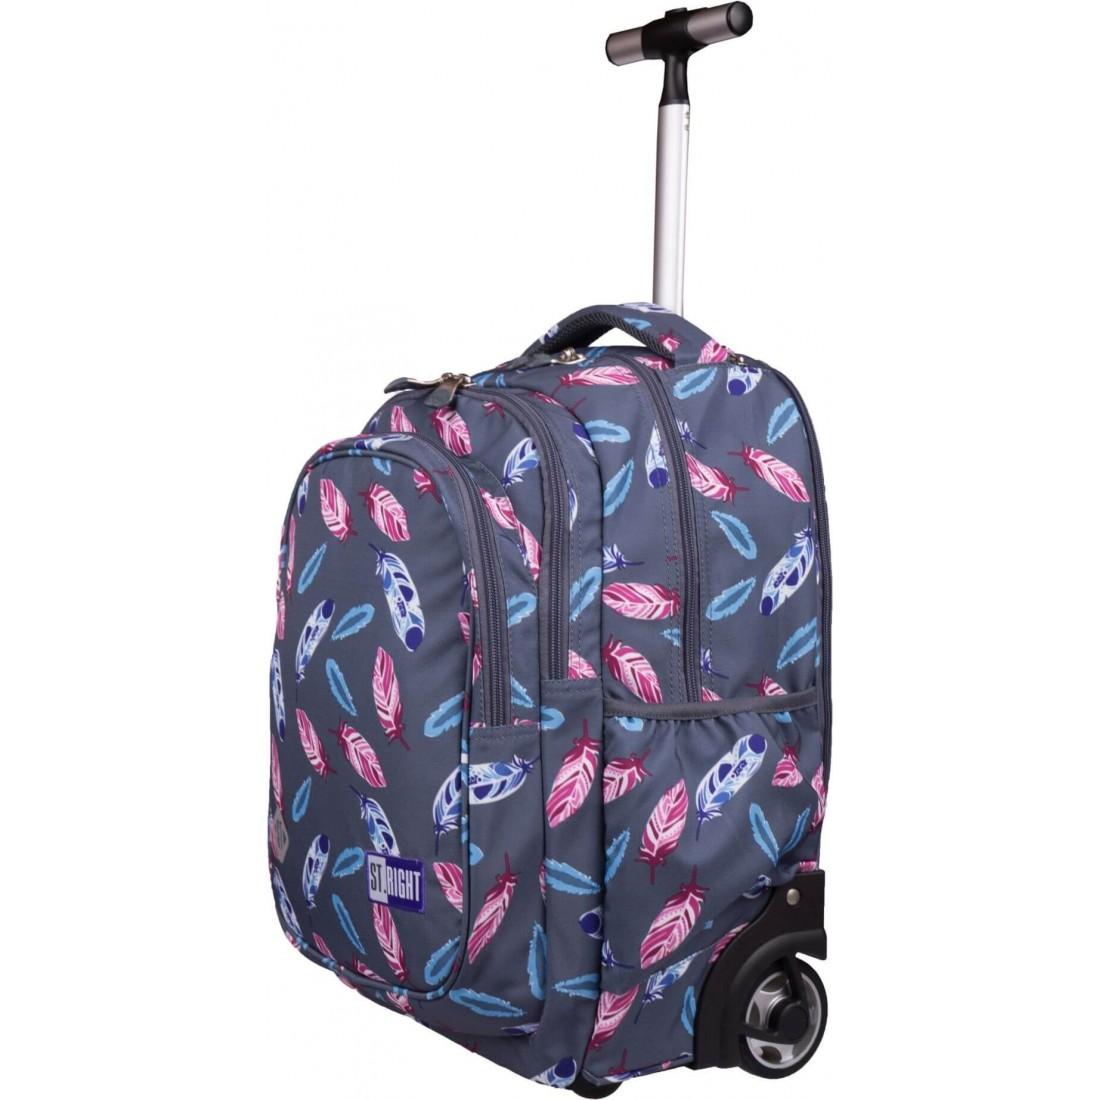 Plecak na kółkach dla dziewczyny piórka ST.RIGHT Indian Feathers TB01 St.Majewski - plecak-tornister.pl